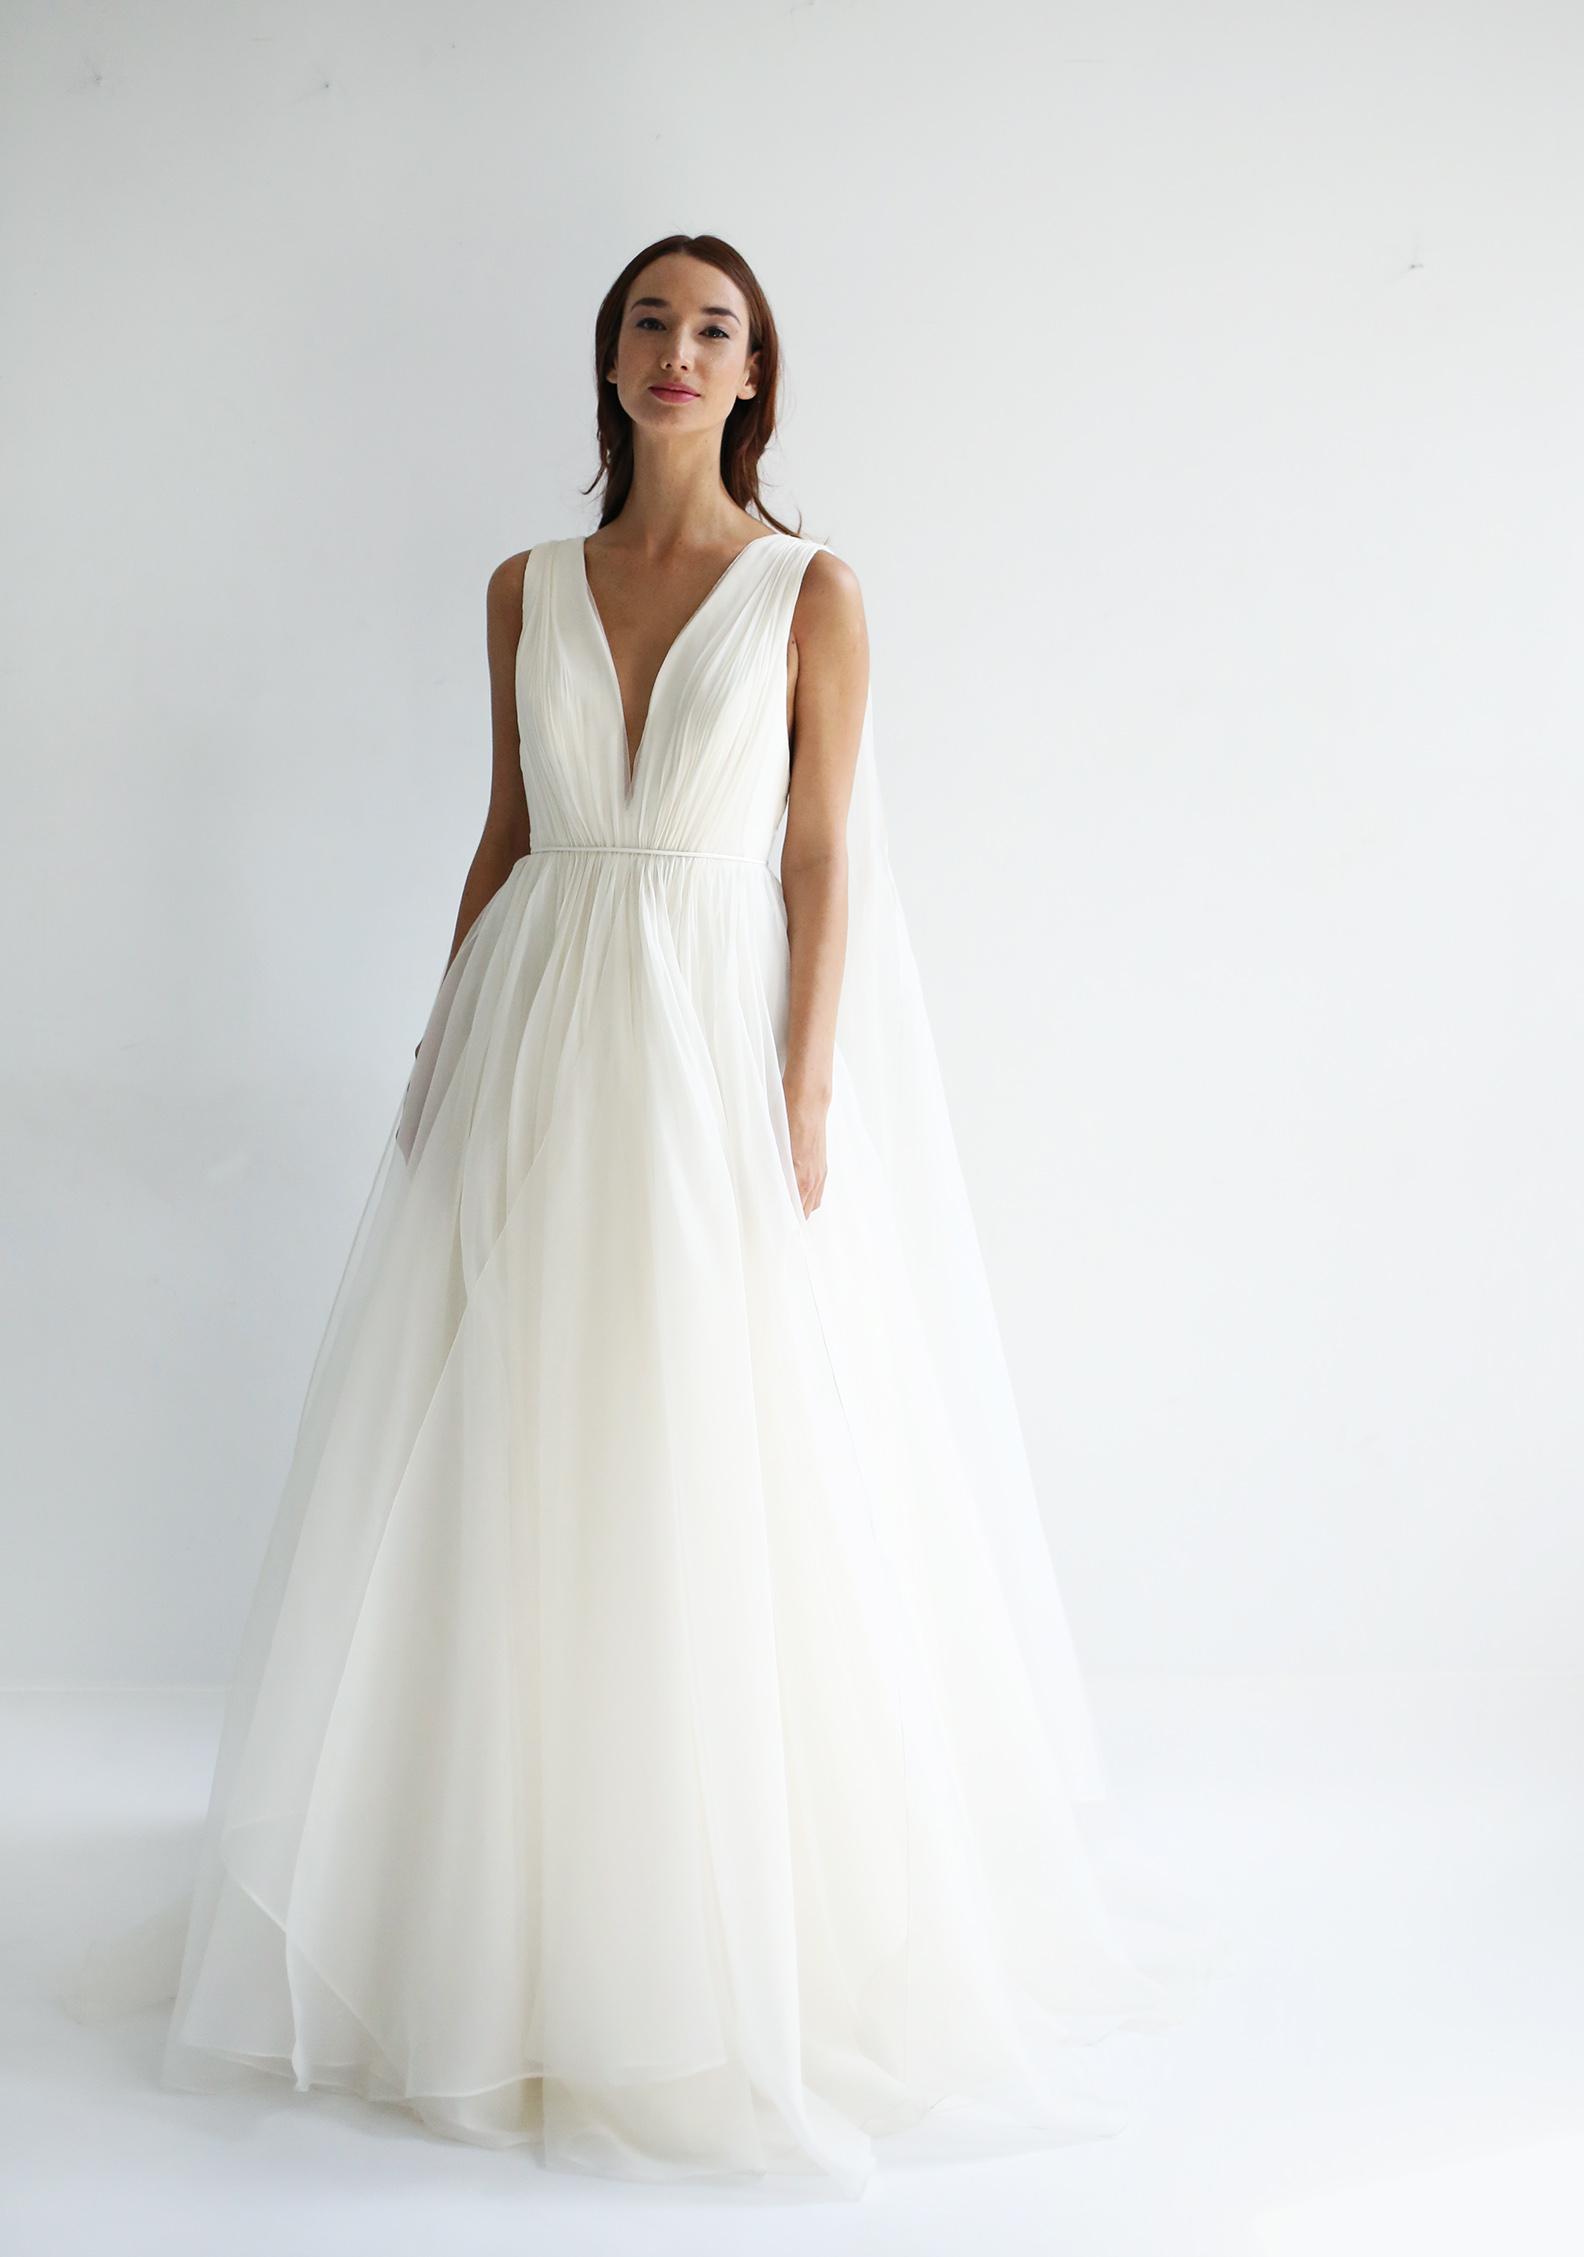 leanne-marshall-bridal-11.jpg